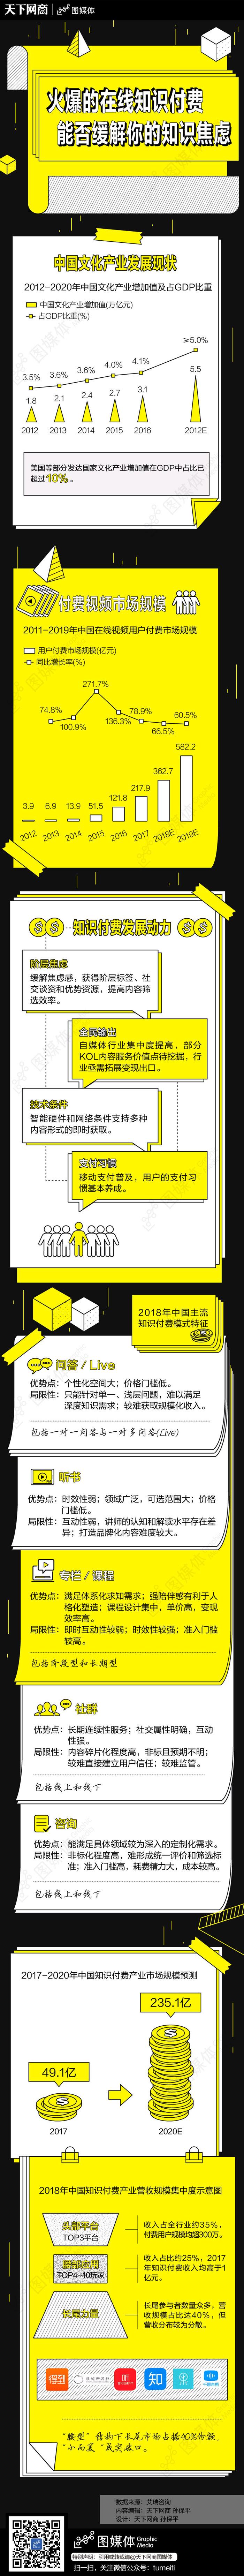 1024-2018年中国在线知识付费市场研究报告-03